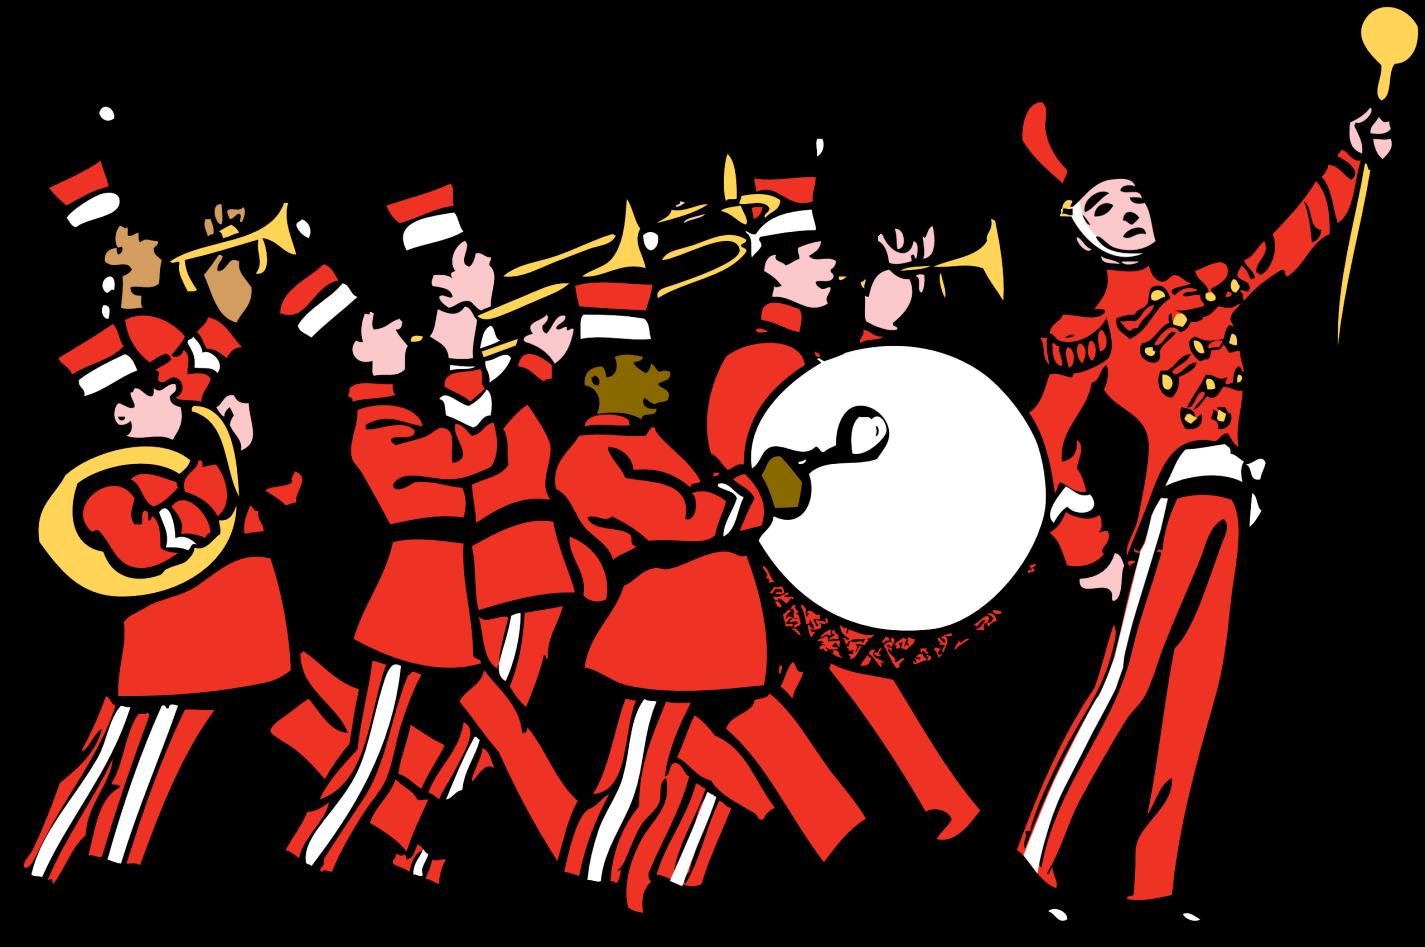 того, иллюстрации к военному маршу белый полярный